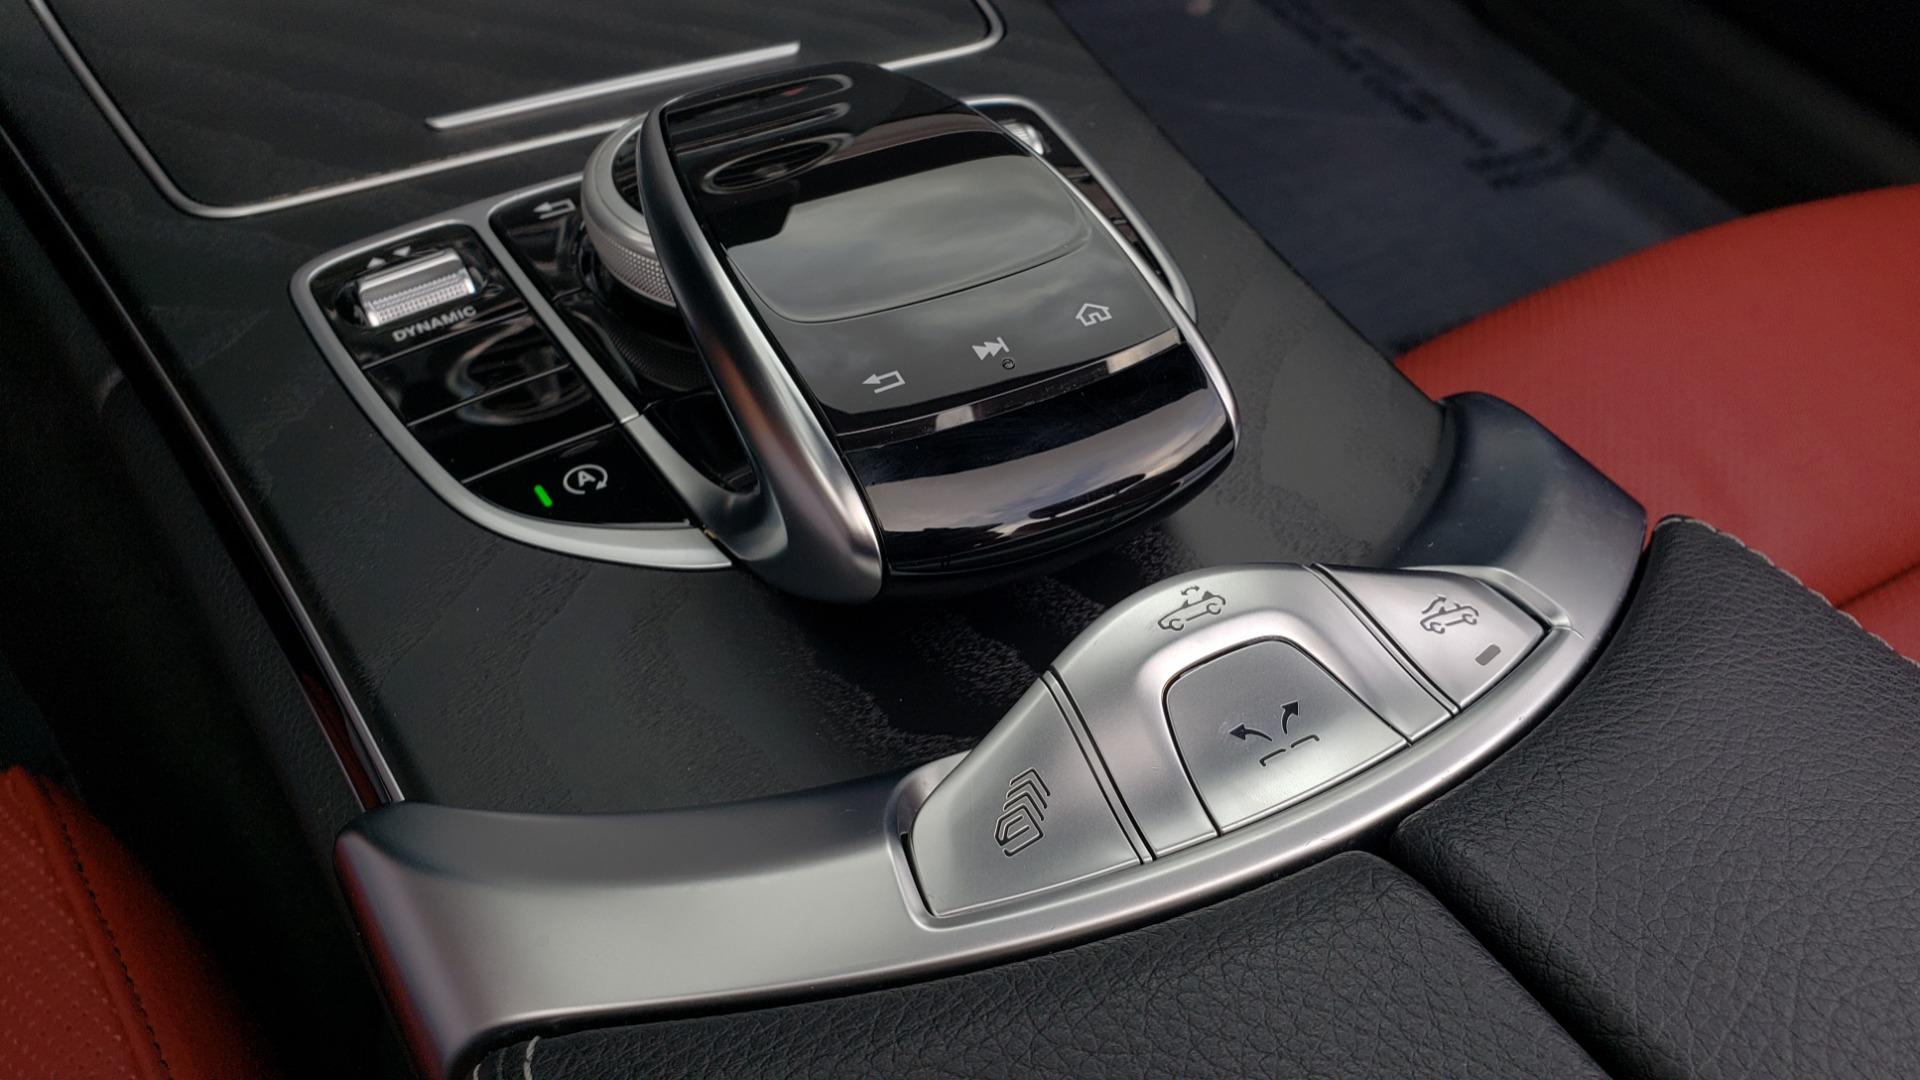 Used 2019 Mercedes-Benz C-CLASS C 300 CABRIOLET / PREM PKG / NAV / BURMESTER / MULTIMEDIA for sale Sold at Formula Imports in Charlotte NC 28227 52